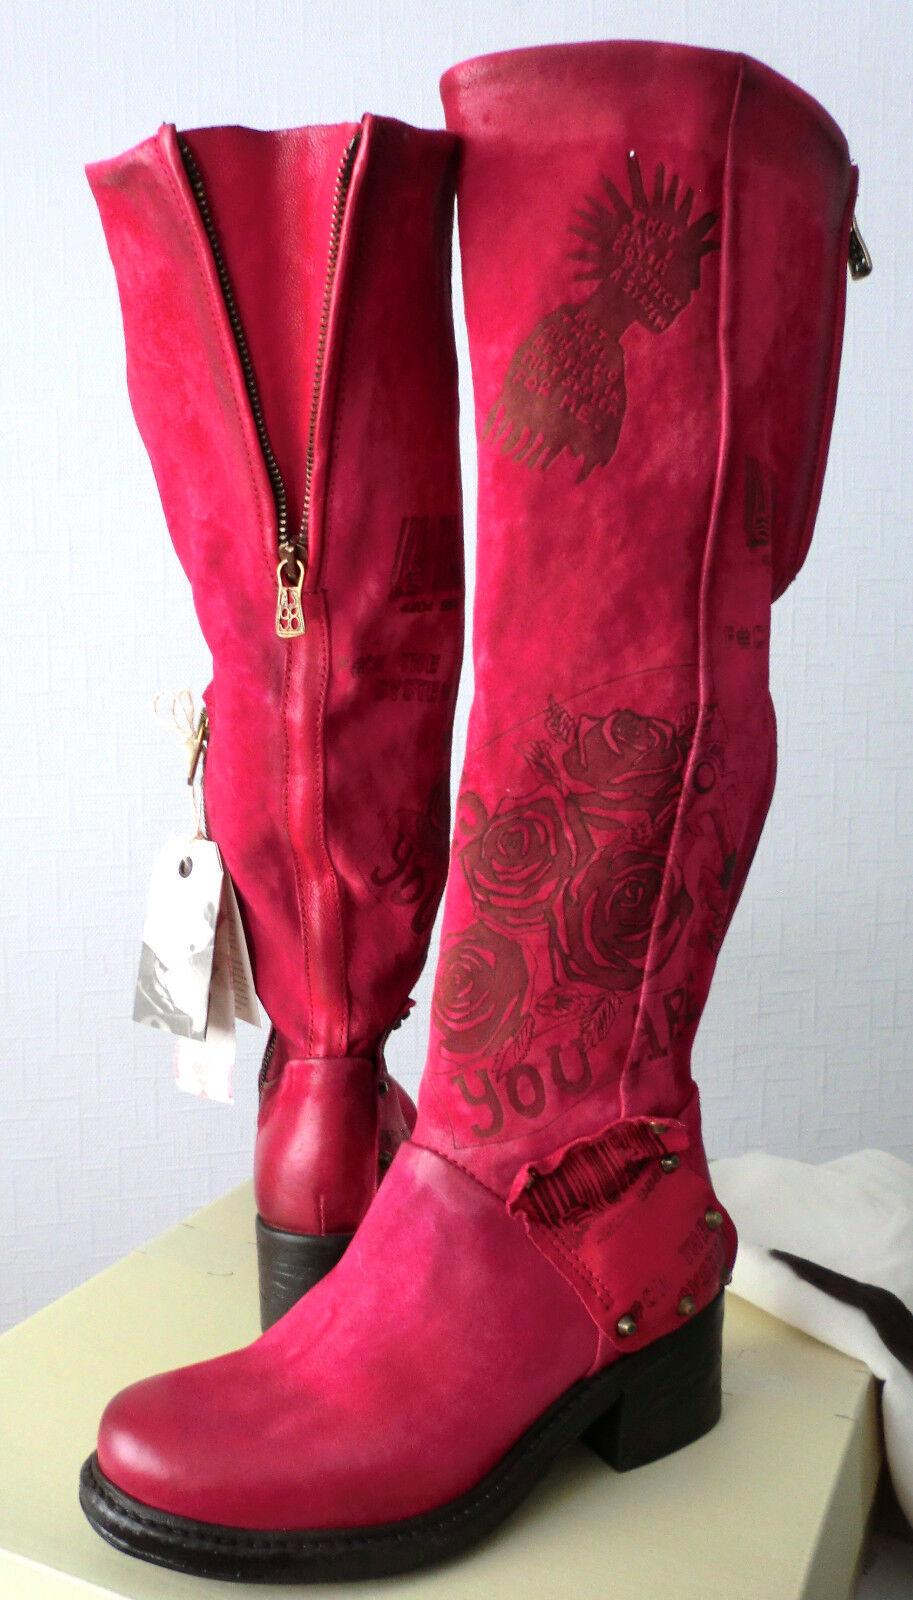 Damen AS98  Leder  Schuhe Stiefel Gr 35  Leder Rot Fuchsia  NEU NP 566894